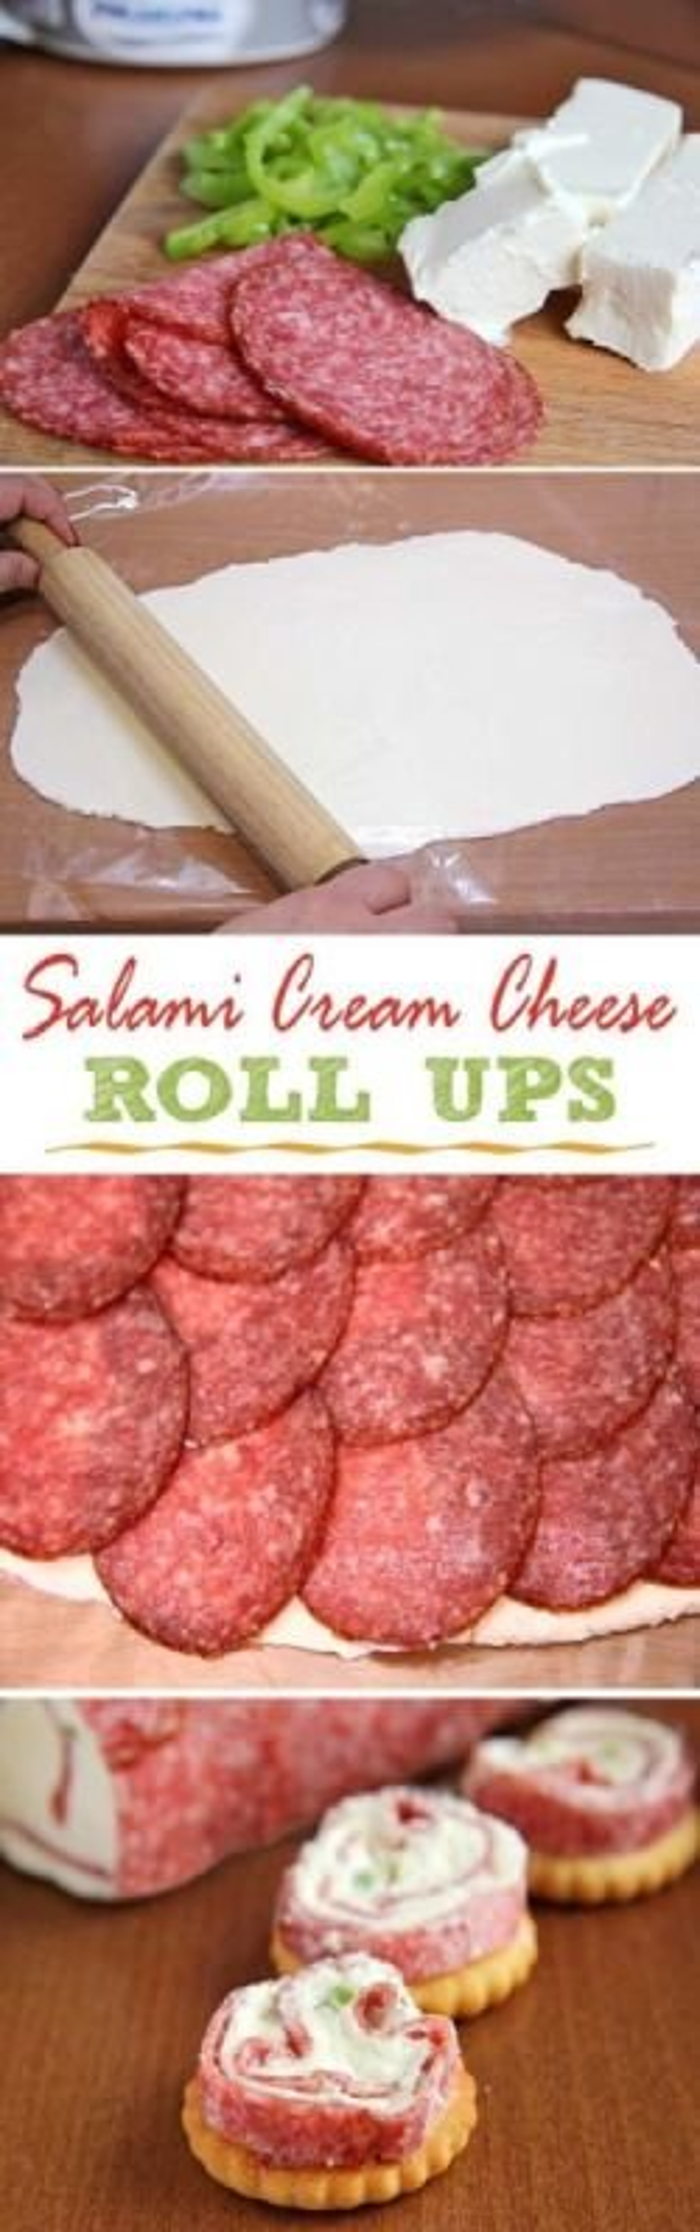 Salami & Cream cheese Roll